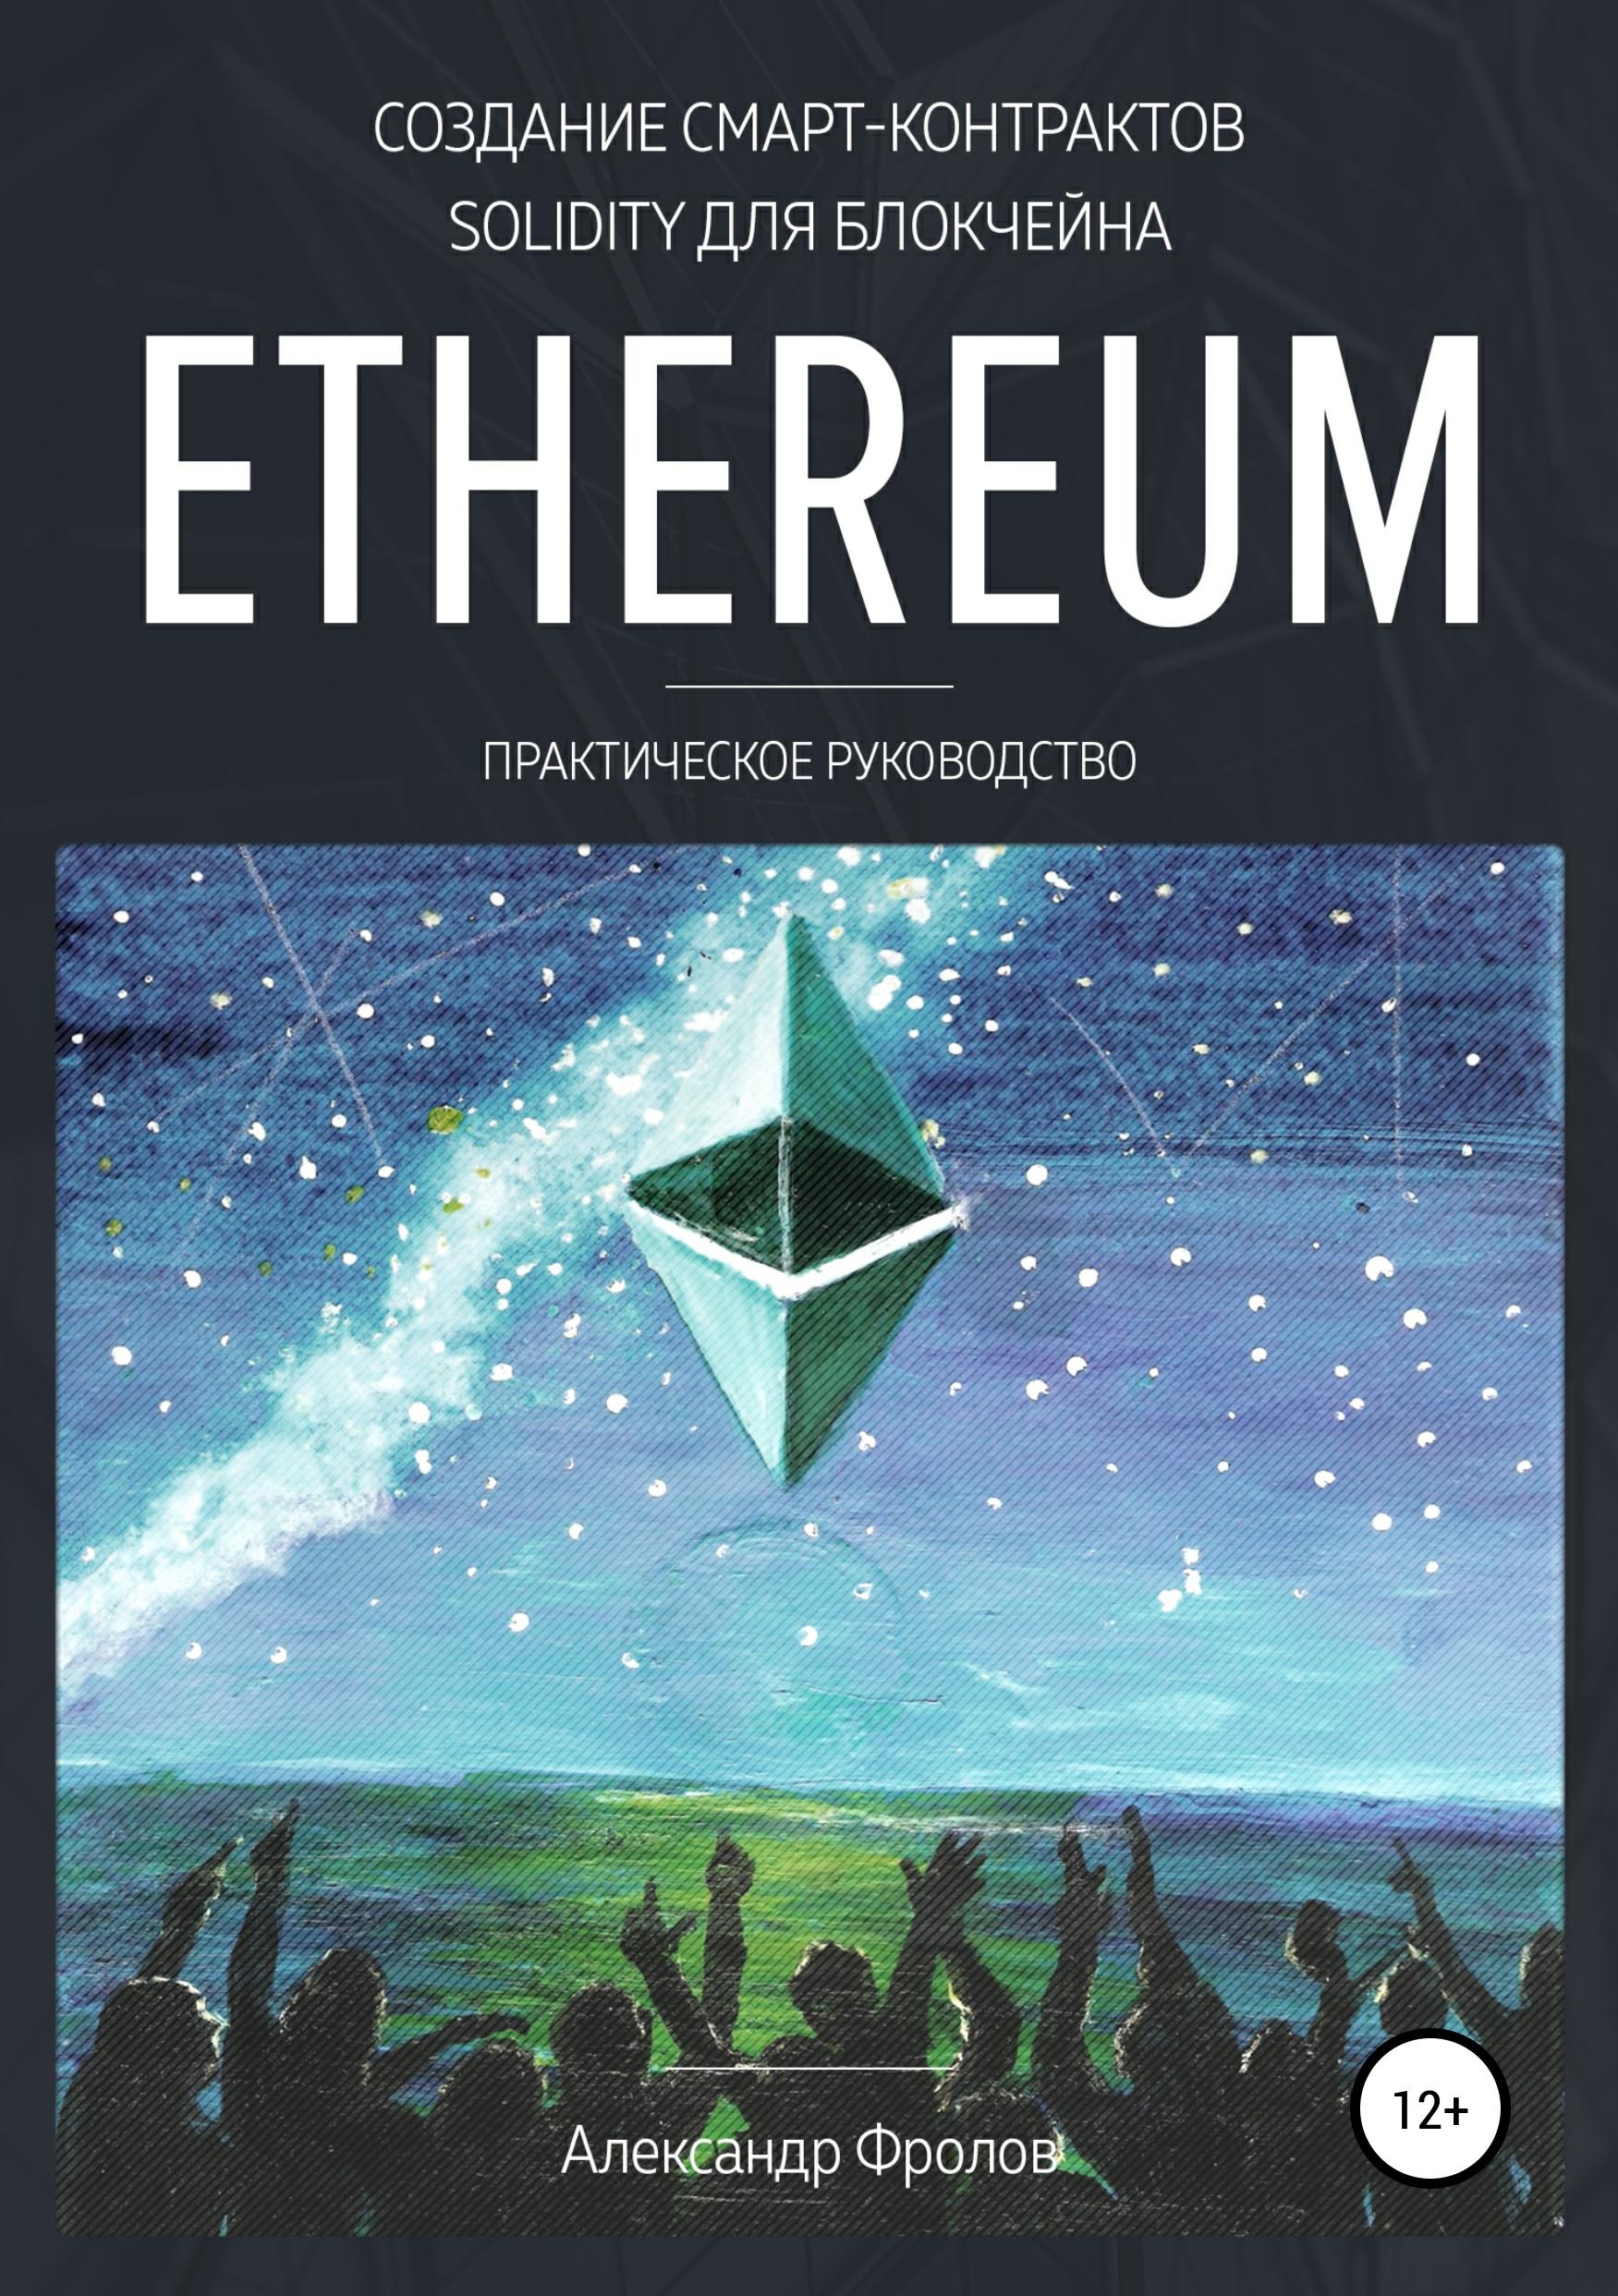 Создание смарт-контрактов Solidity для блокчейна Ethereum. Практическое руководство